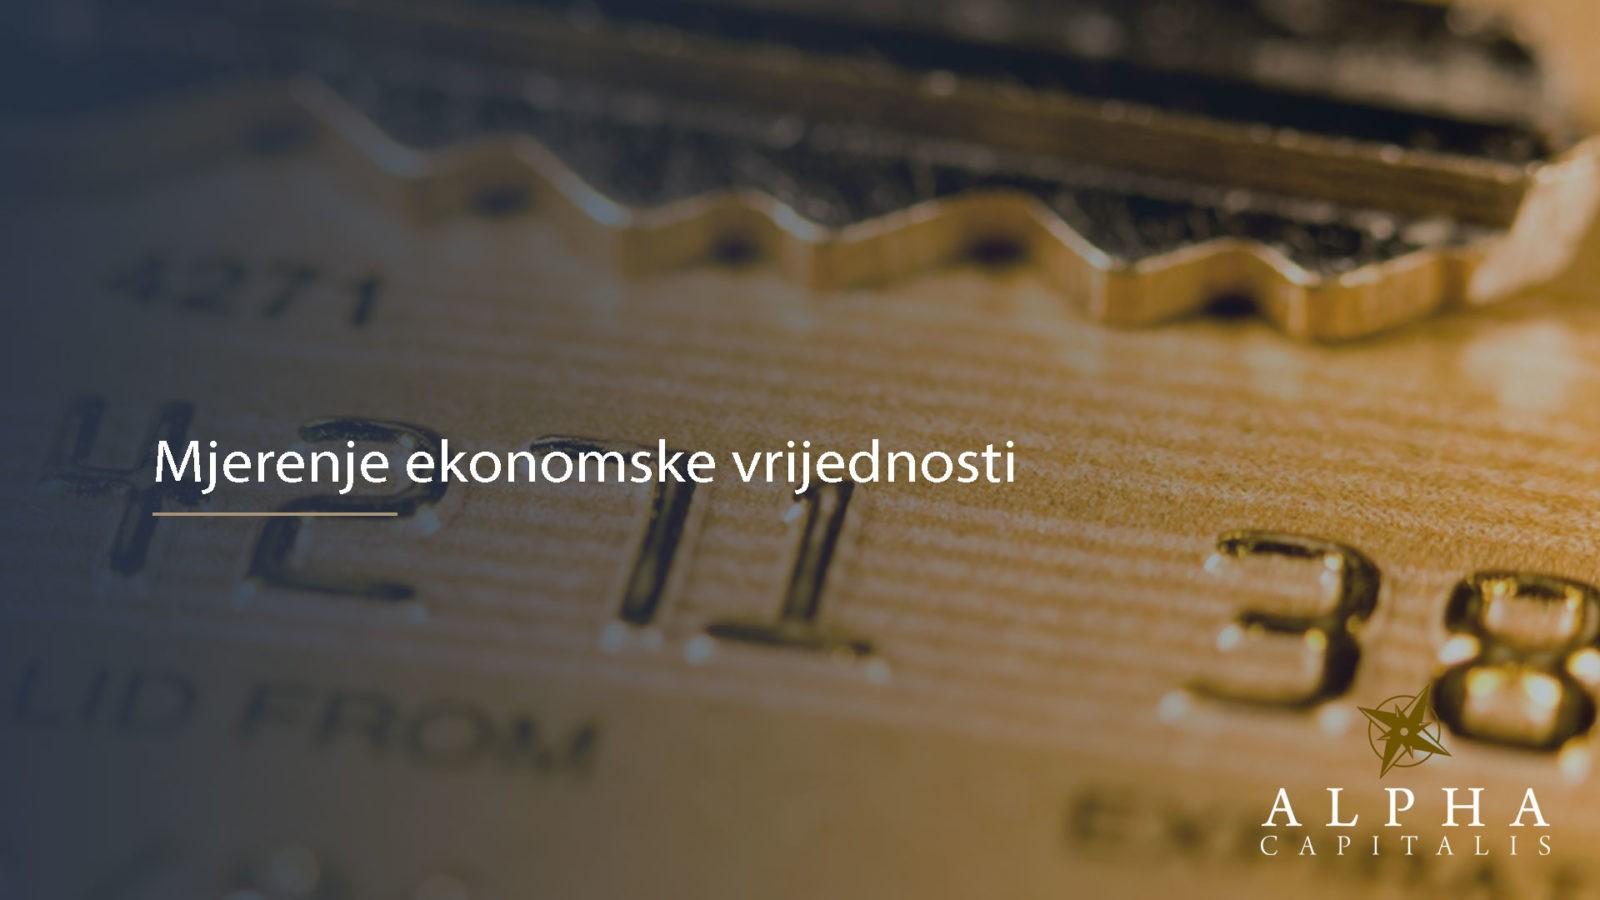 Mjerenje ekonomske vrijednosti 2019 07 18 - Mjerenje ekonomske vrijednosti